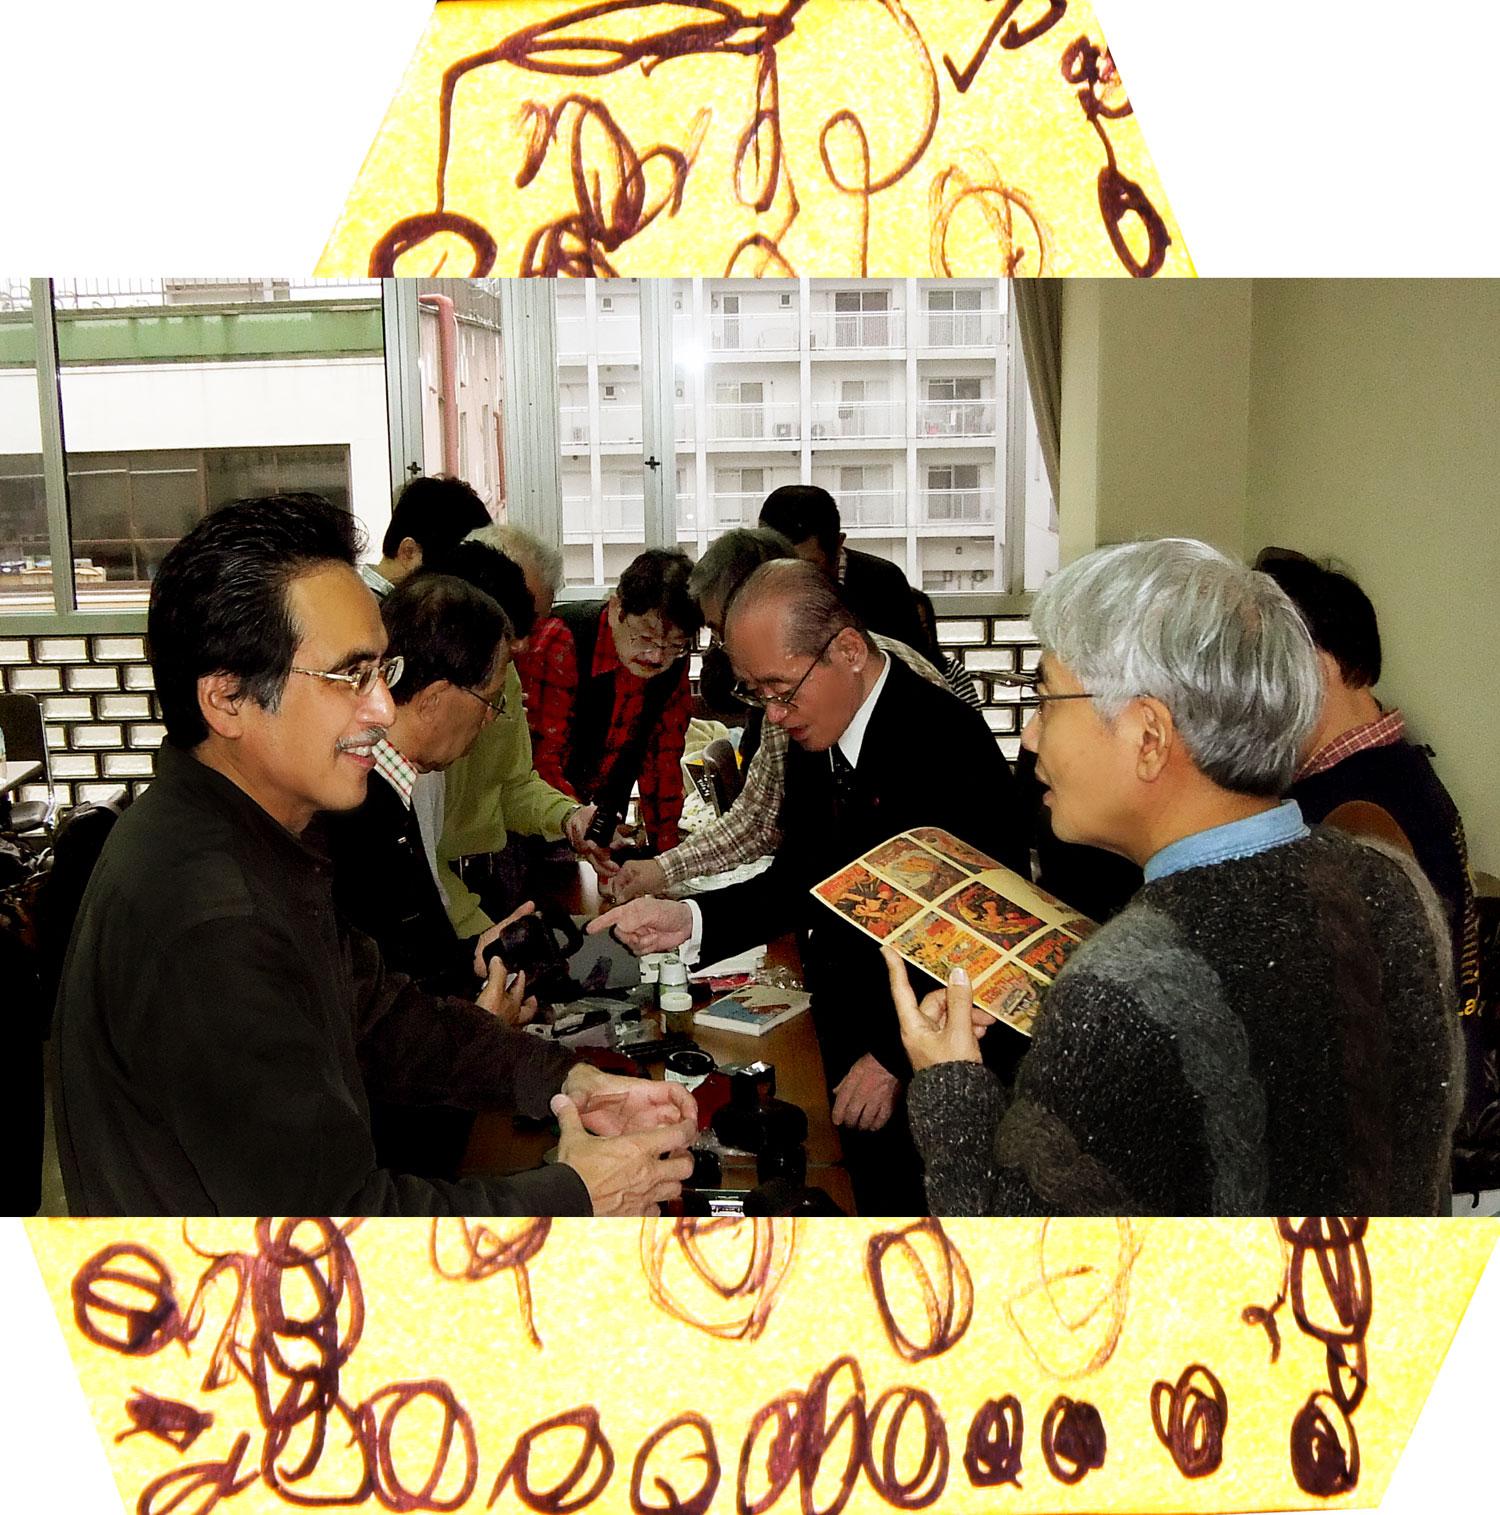 2010/12/11今年最後の例会と忘年会動画 おおばやし_d0138130_9533922.jpg